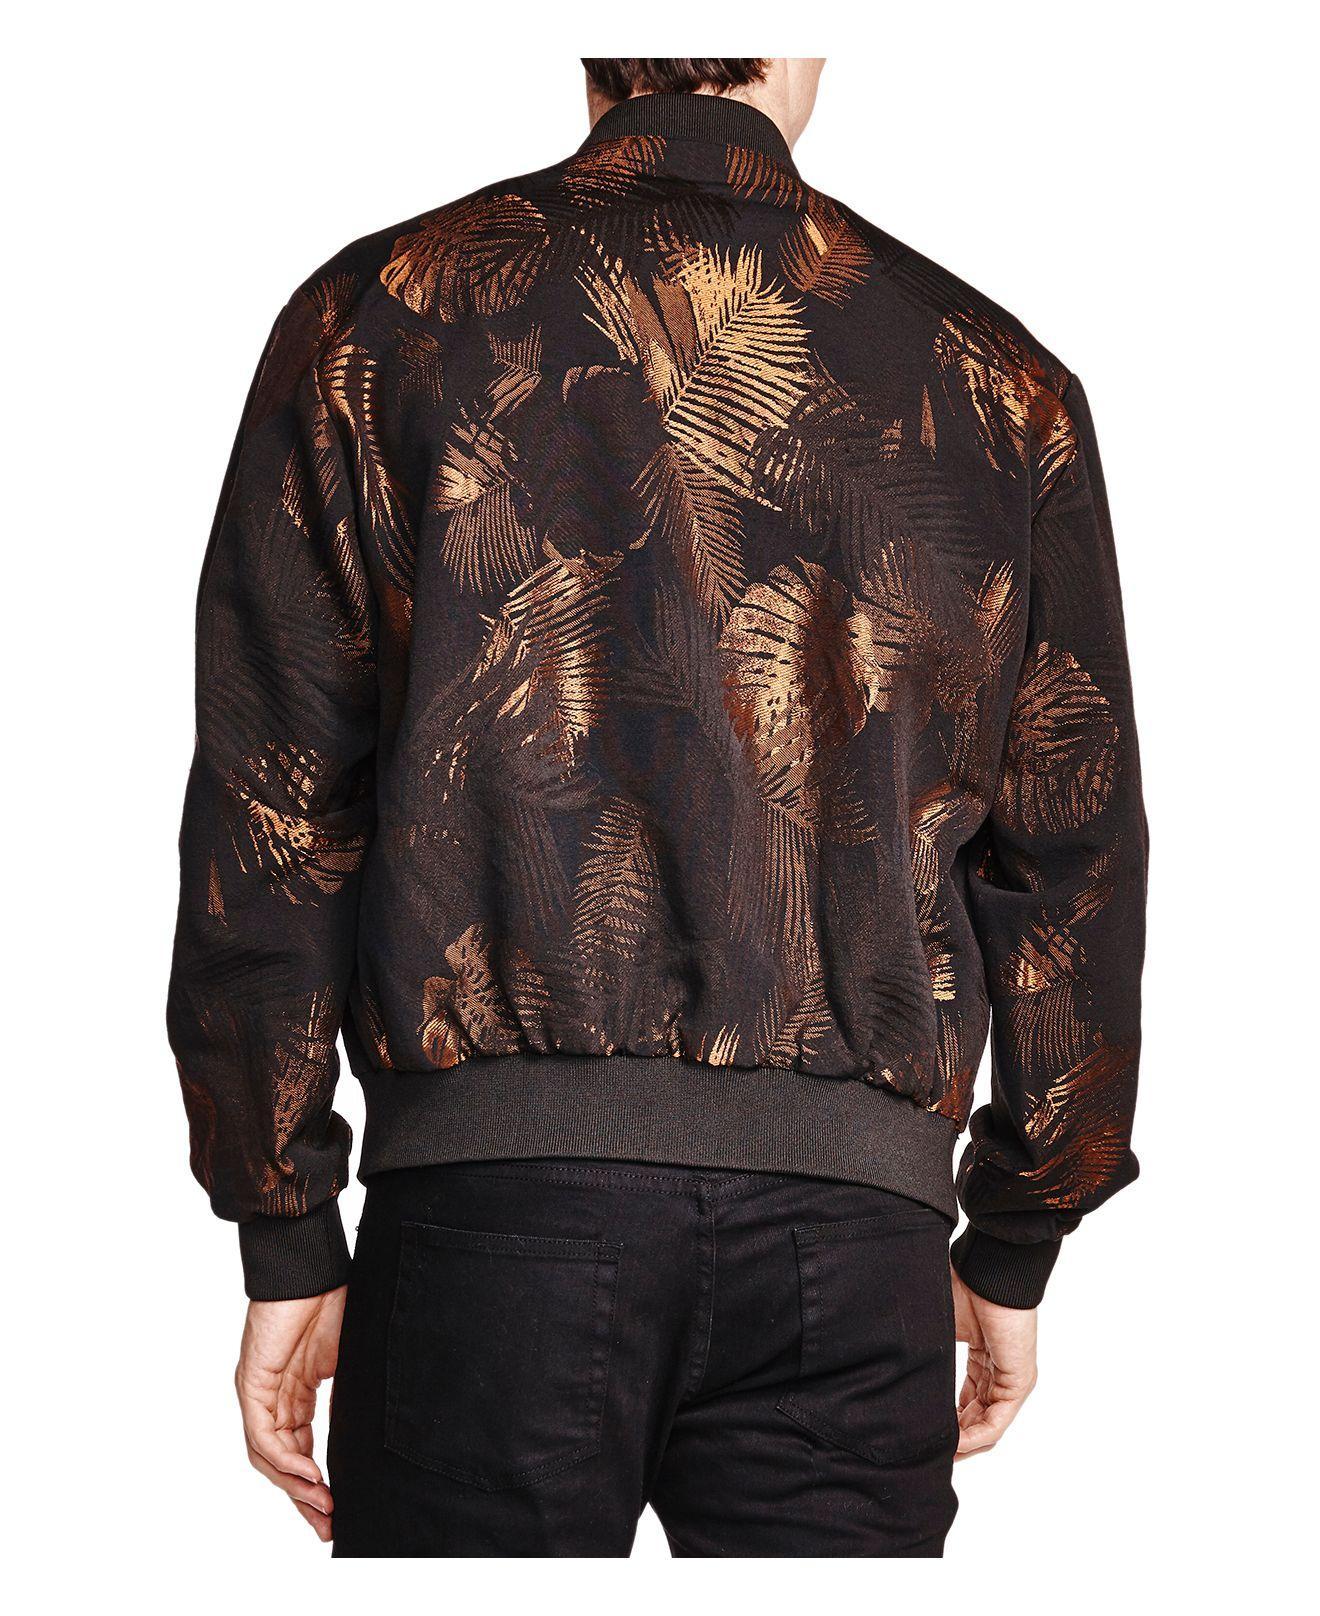 The Kooples Golden Leaves Printed Jacket in Black Gold (Black) for Men